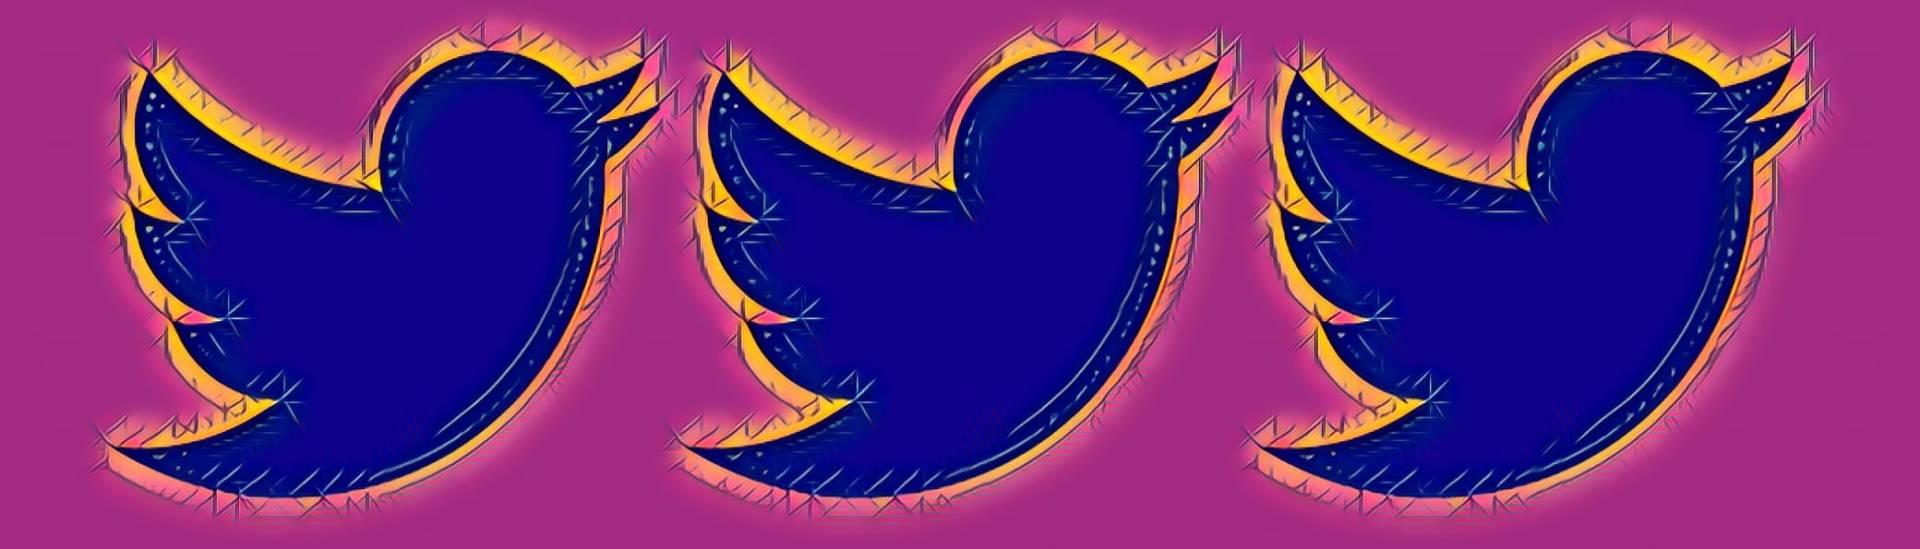 Twitter sicuro: tutte le novità e i risultati raggiunti